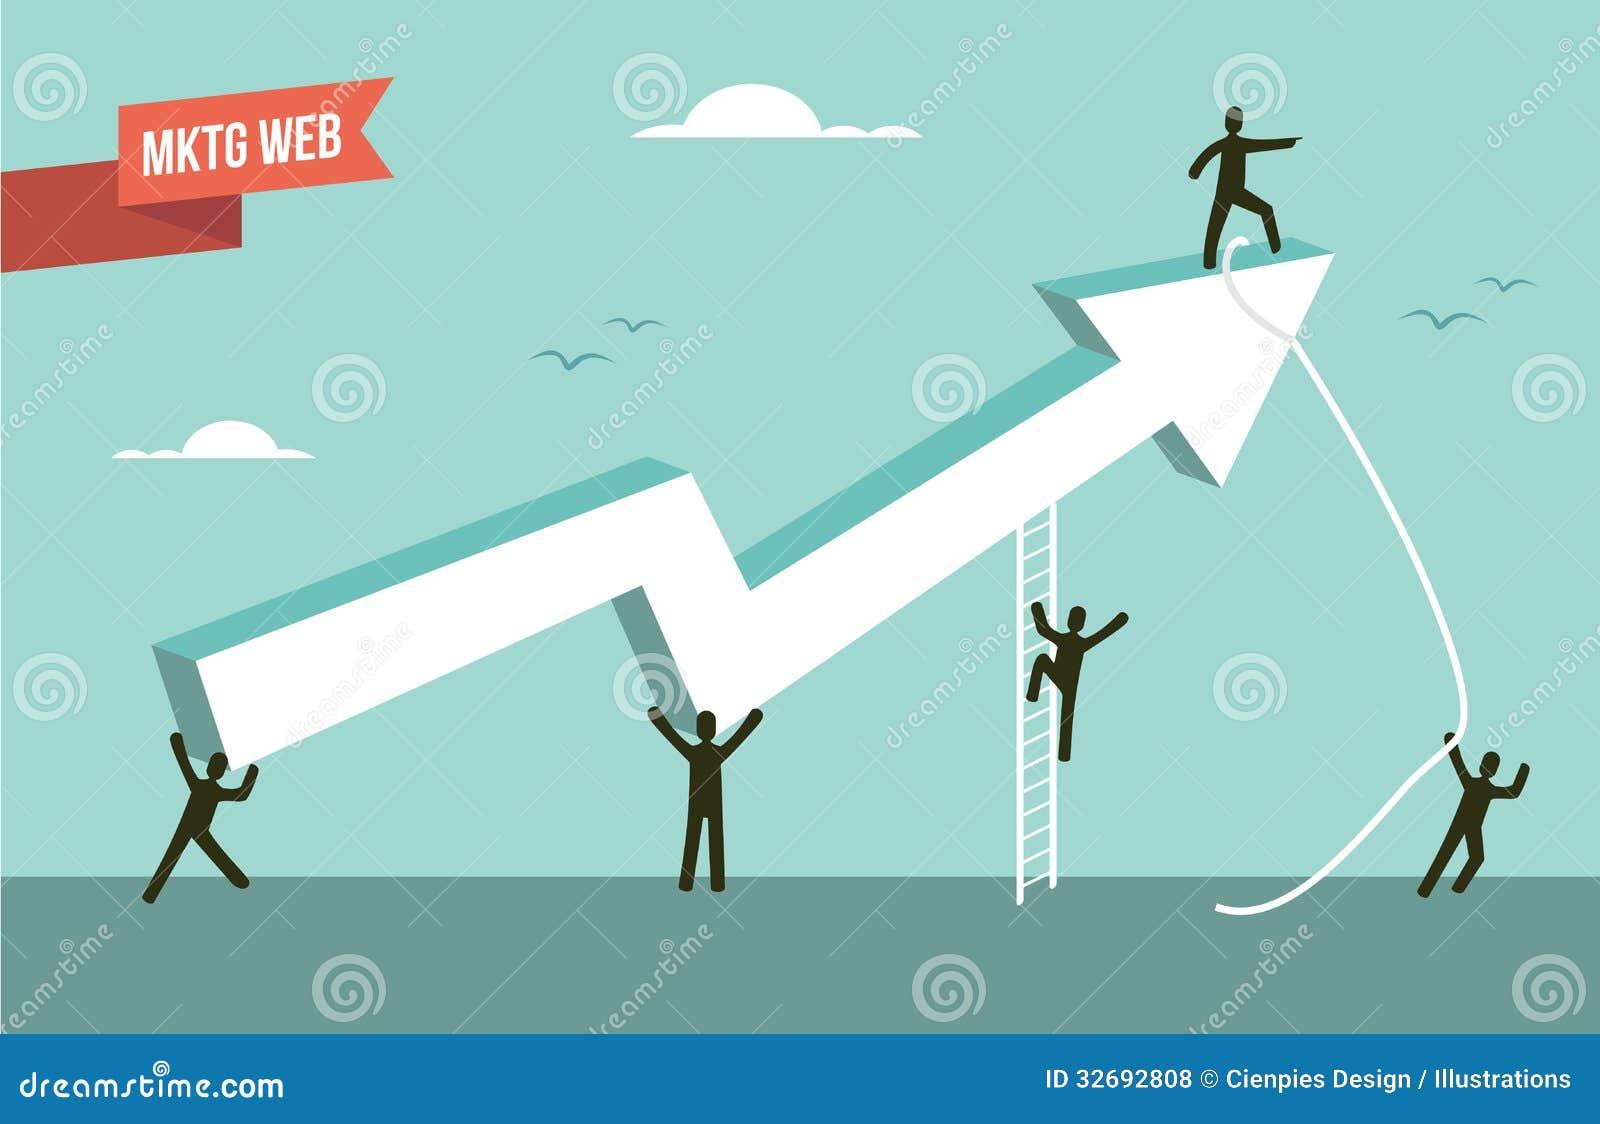 Иллюстрация стрелки диаграммы стратегии сеты маркетинга